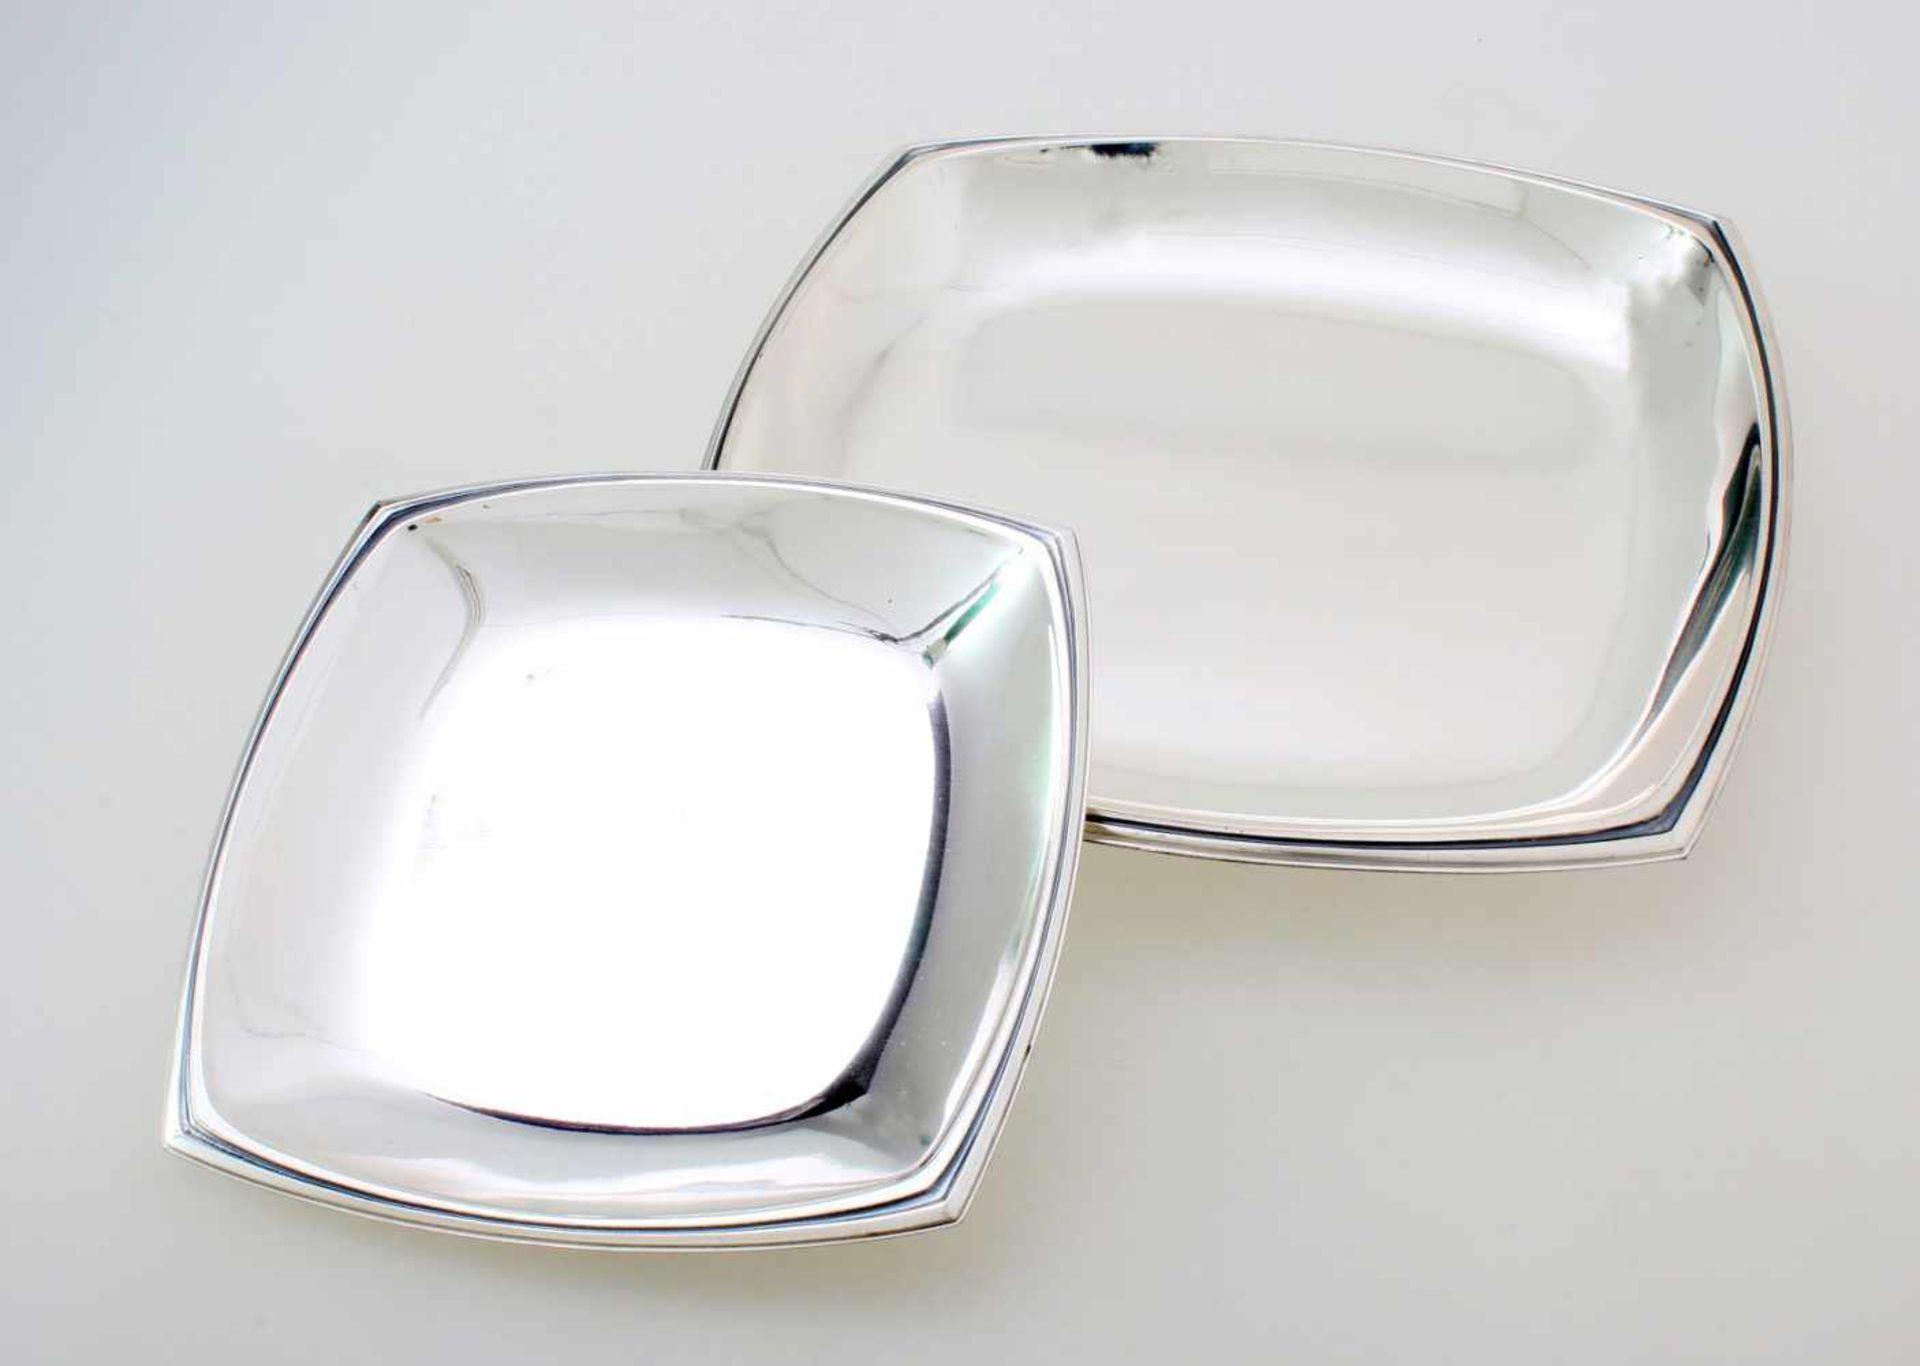 2 quadratische Silbertabletts925er Silber, kannelierter Rand, unbenutzt. Maße: 25 x 25 cm und 18 x